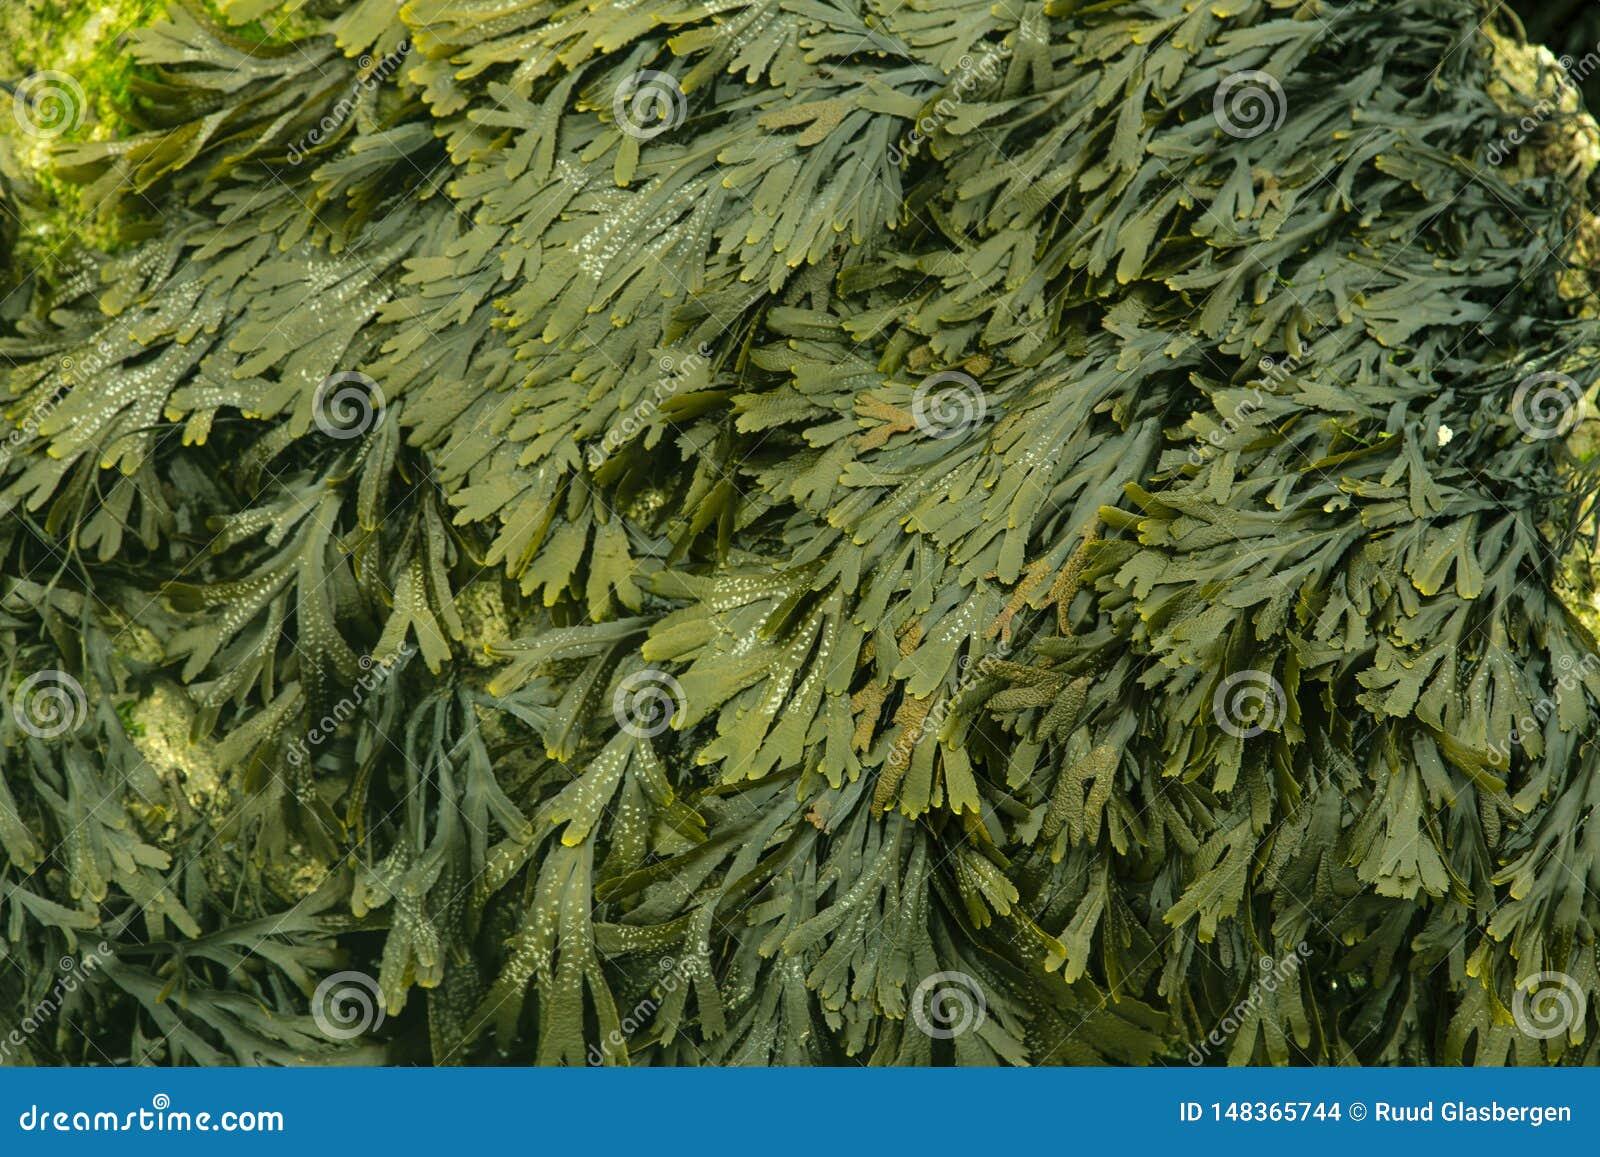 Alga, alimento saudável do futuro